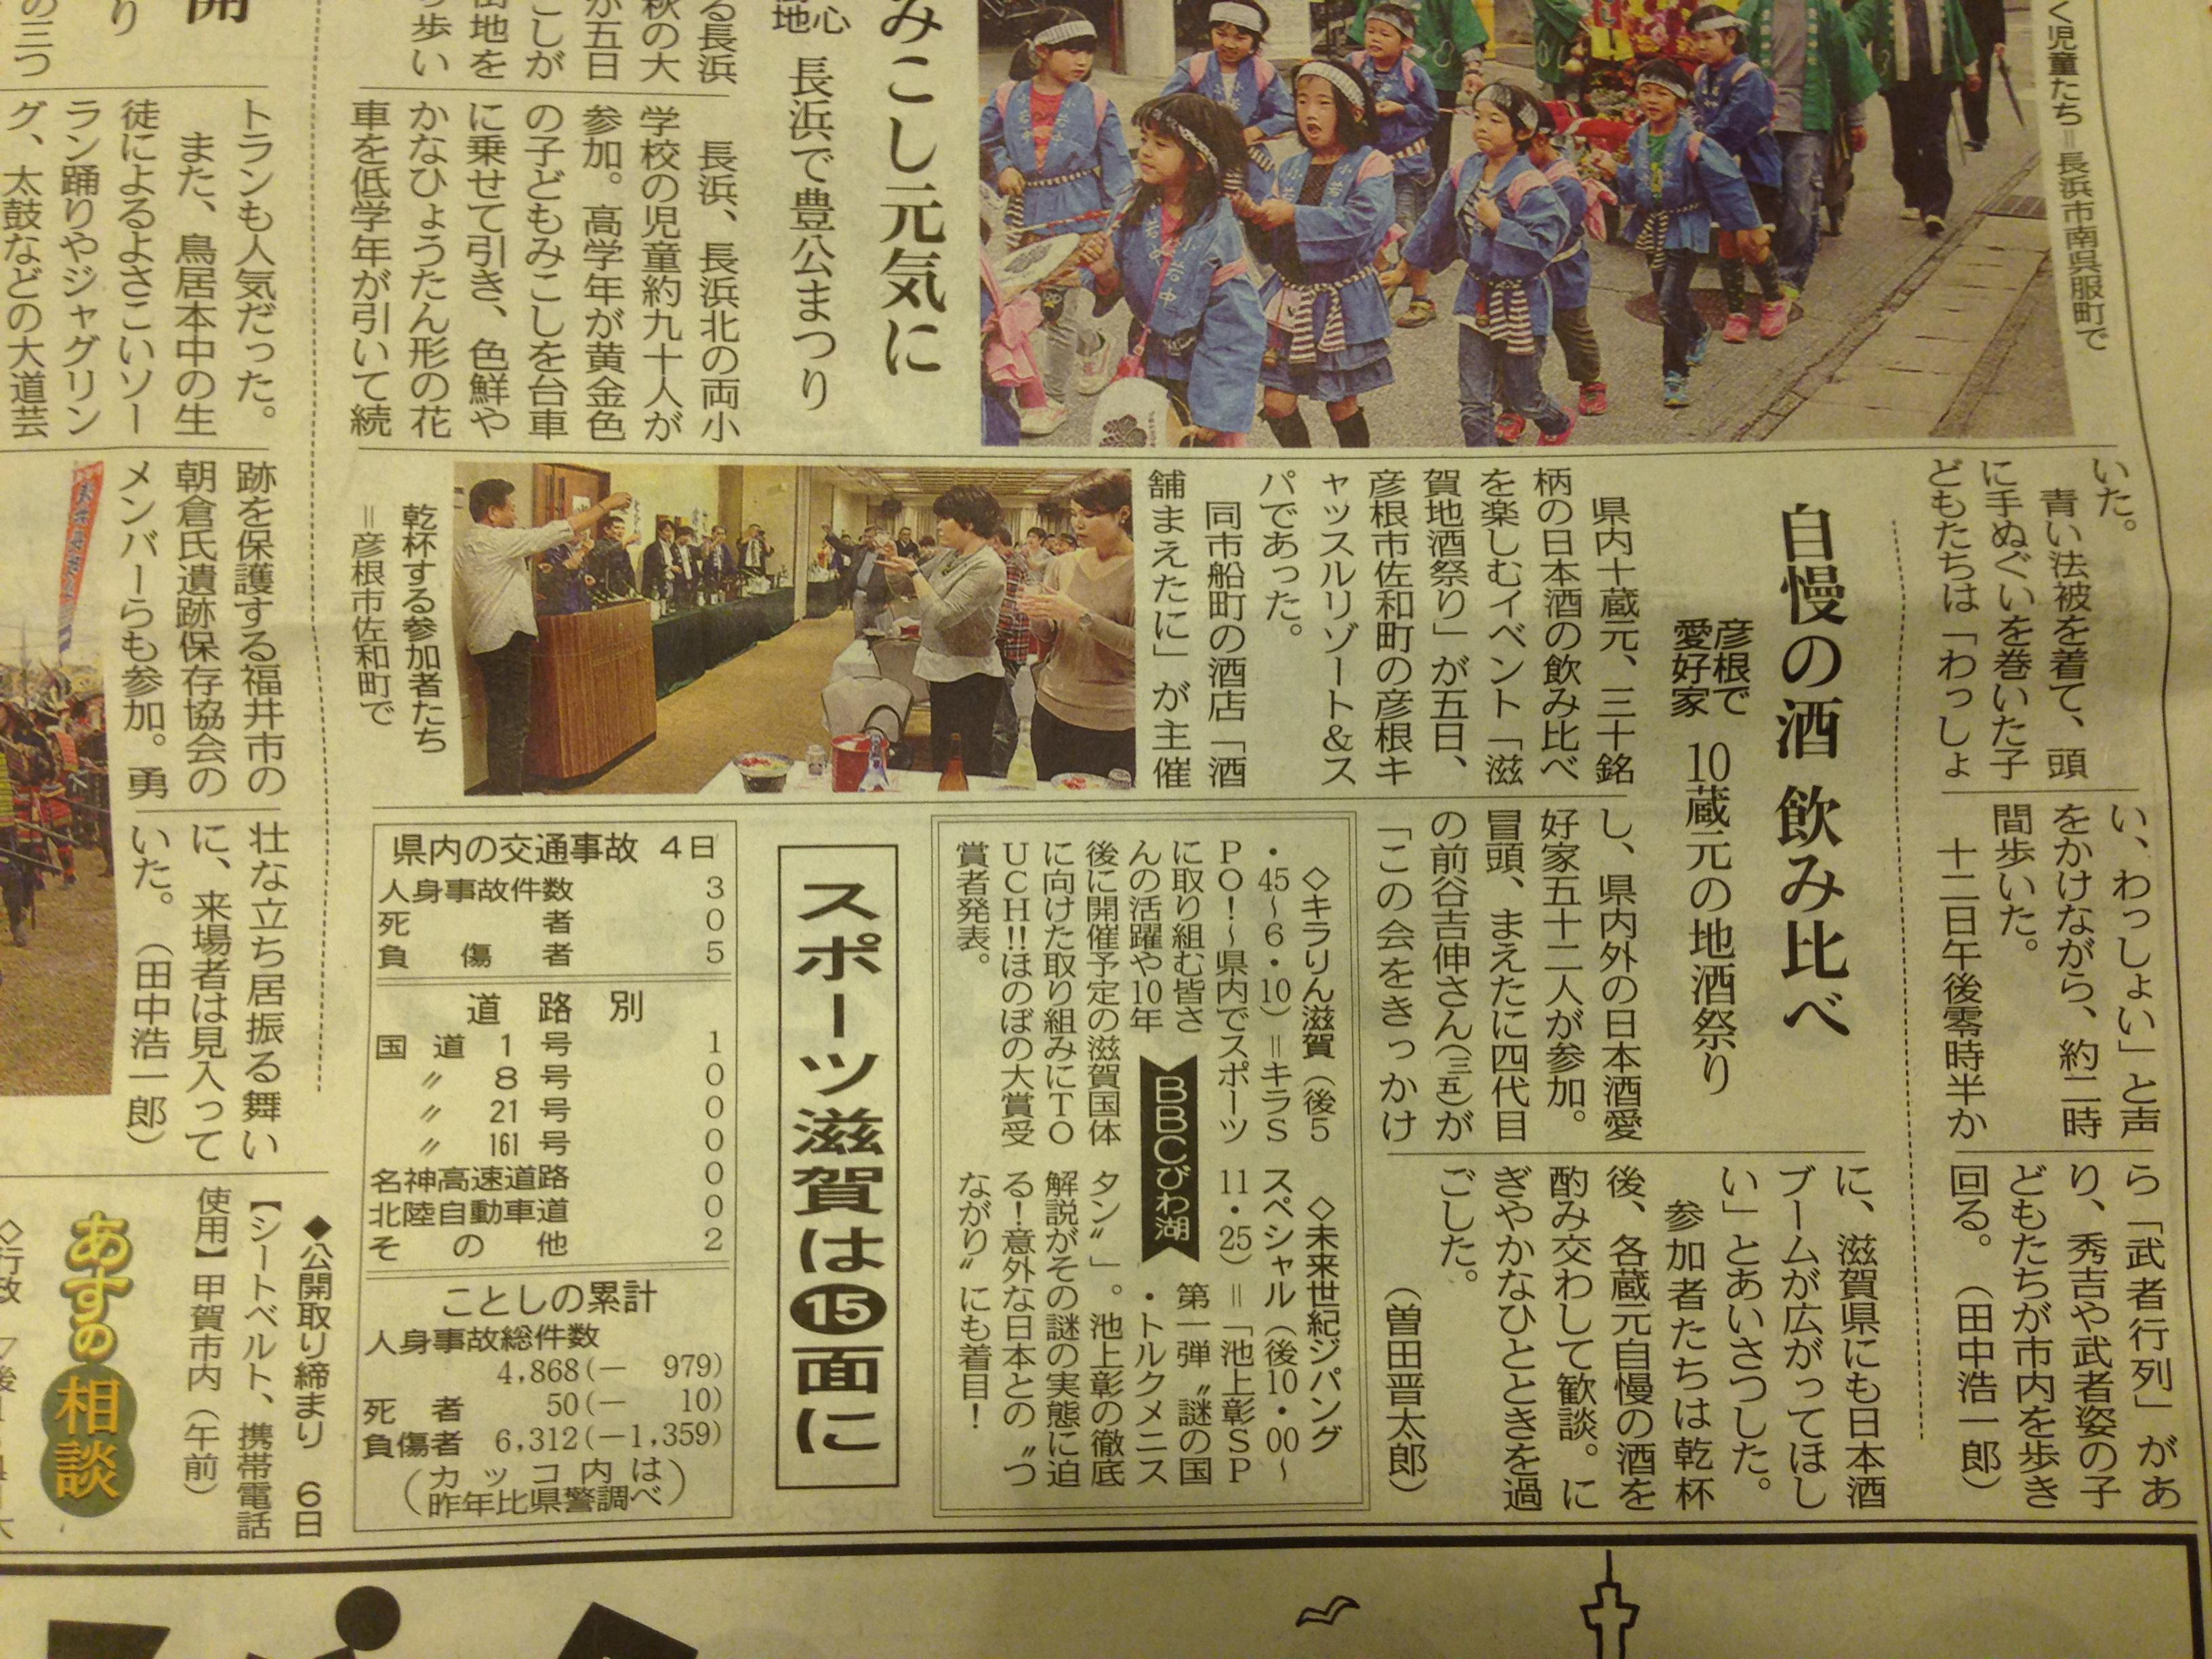 141006中日朝刊 第6回滋賀地酒祭り2014